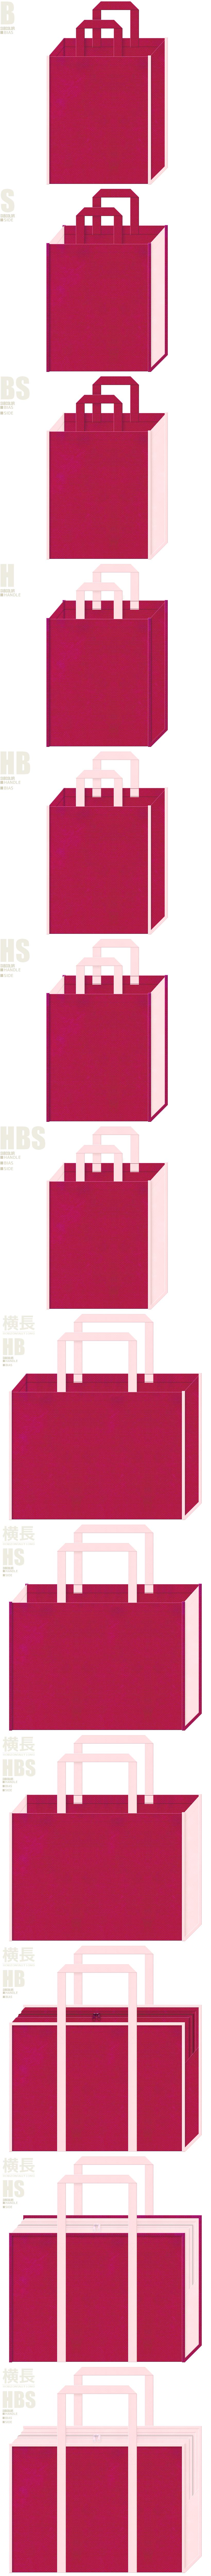 病院・医療施設・看護士研修・アニメ・ゲーム・テーマパーク・ひな祭り・母の日・マーメイド・桜・イチゴミルク・プリンセス・ハート・キャンディー・ドリーミー・ファンシー・ガーリーデザインにお奨めの不織布バッグデザイン:濃いピンク色と桜色の配色7パターン